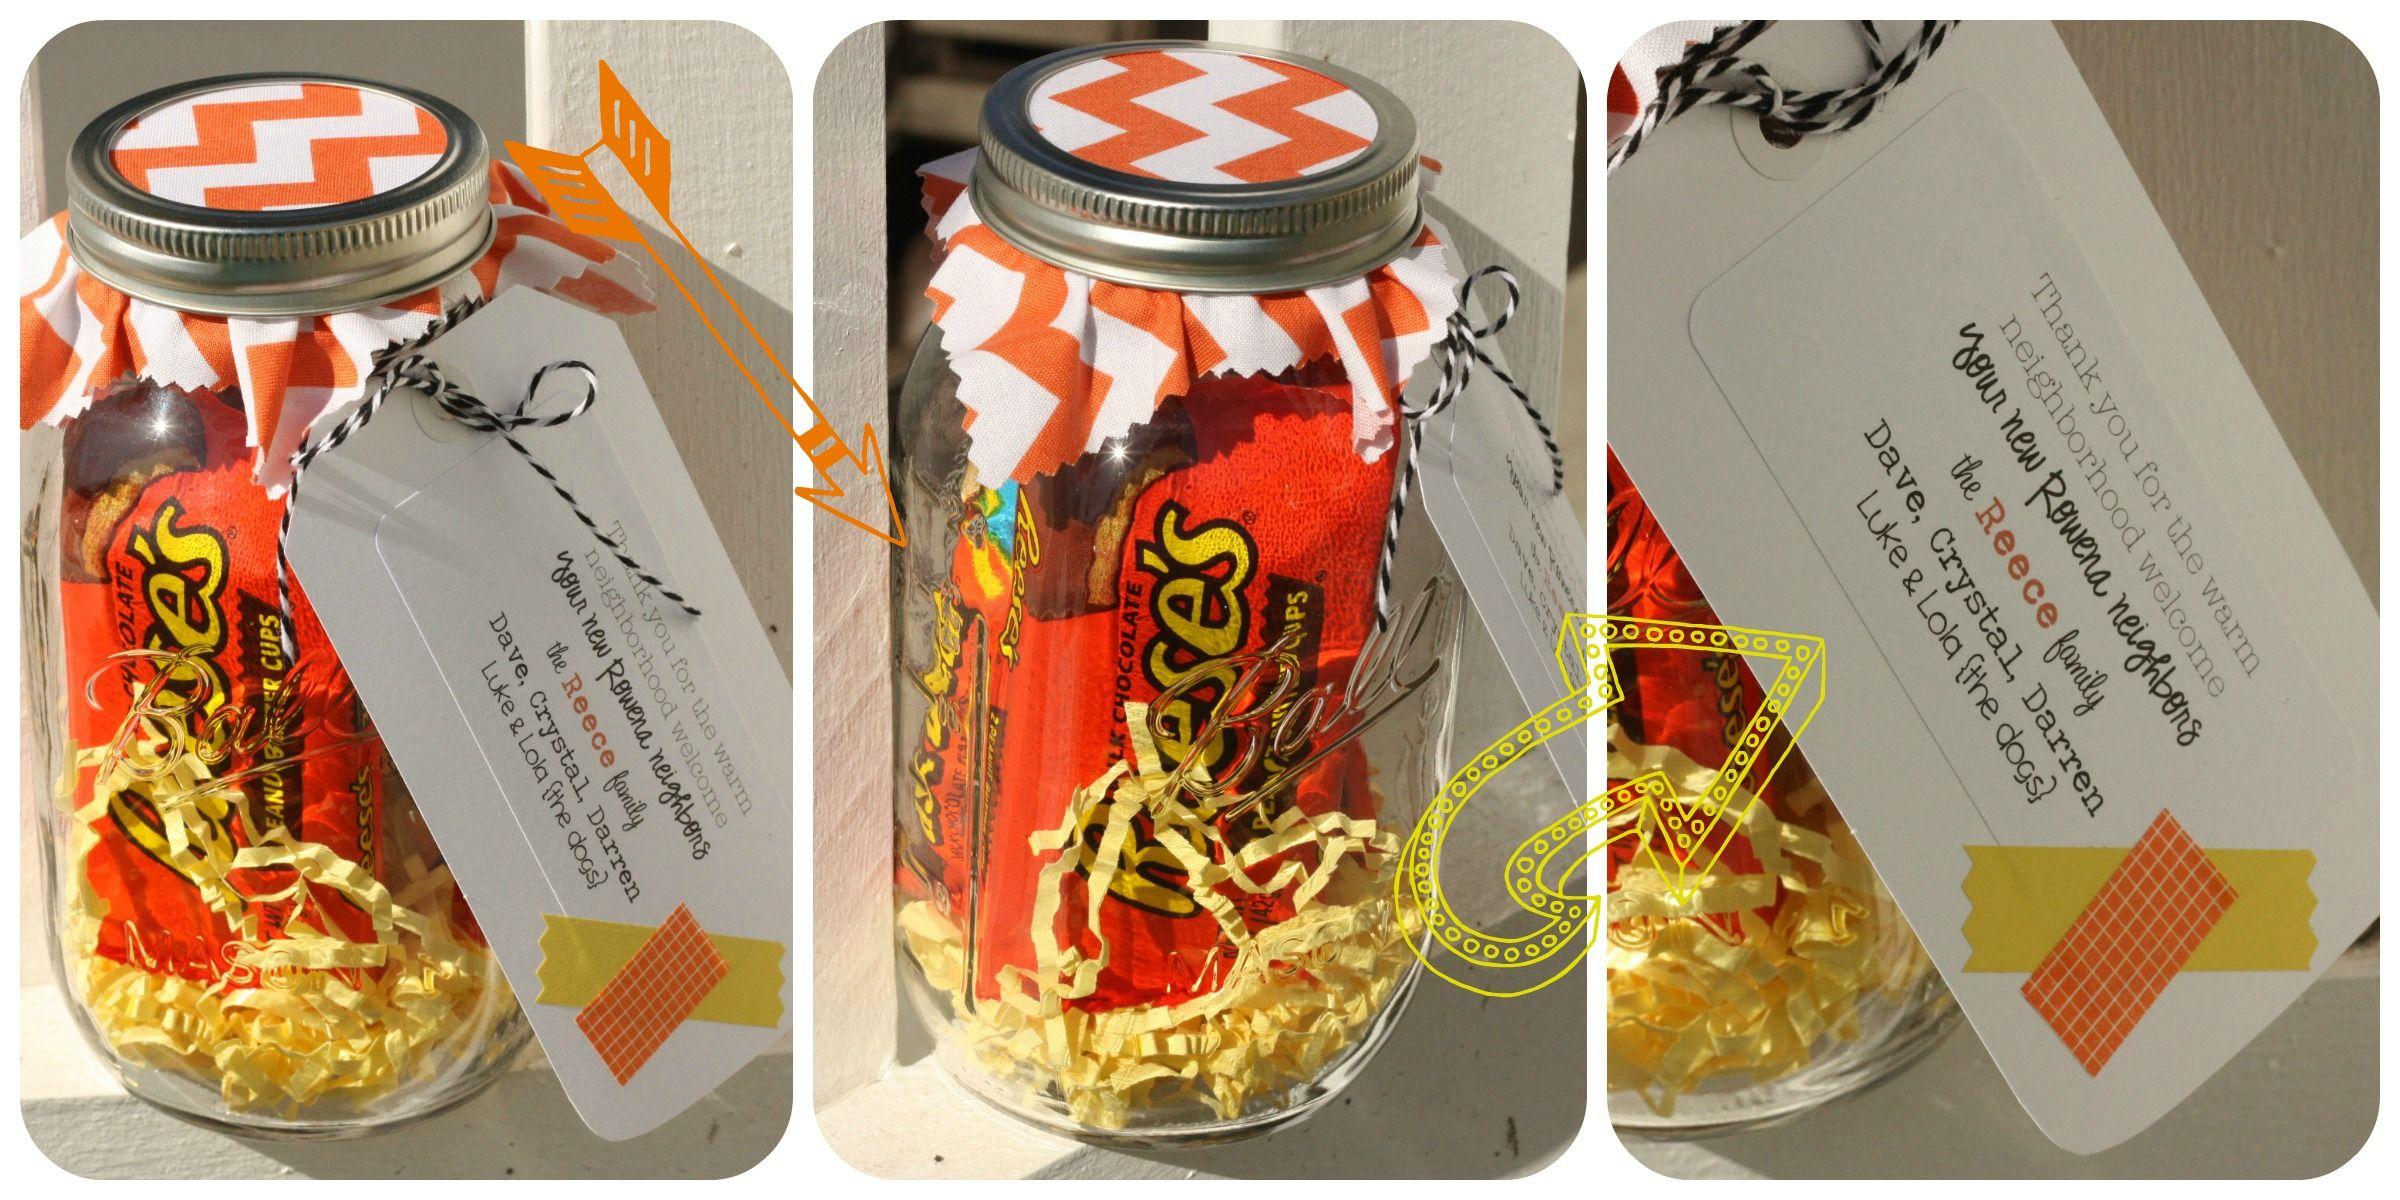 Mason jar fun neighbor gifts thelilcupcake mason jar